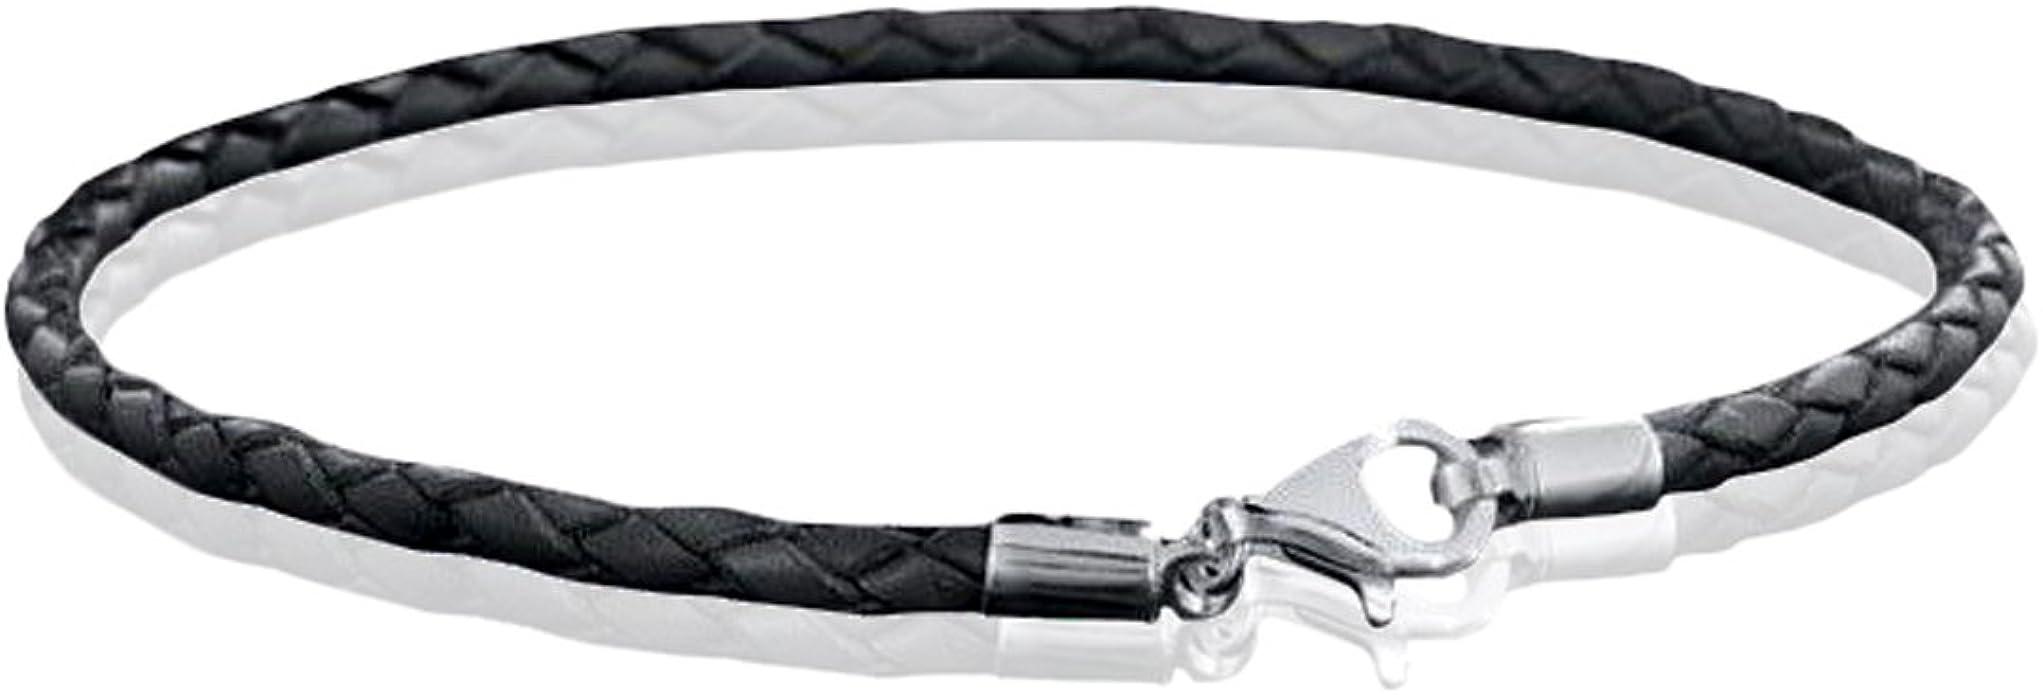 Bracelet pour hommes et femmes Materia en argent 925-18-22 cm A58.